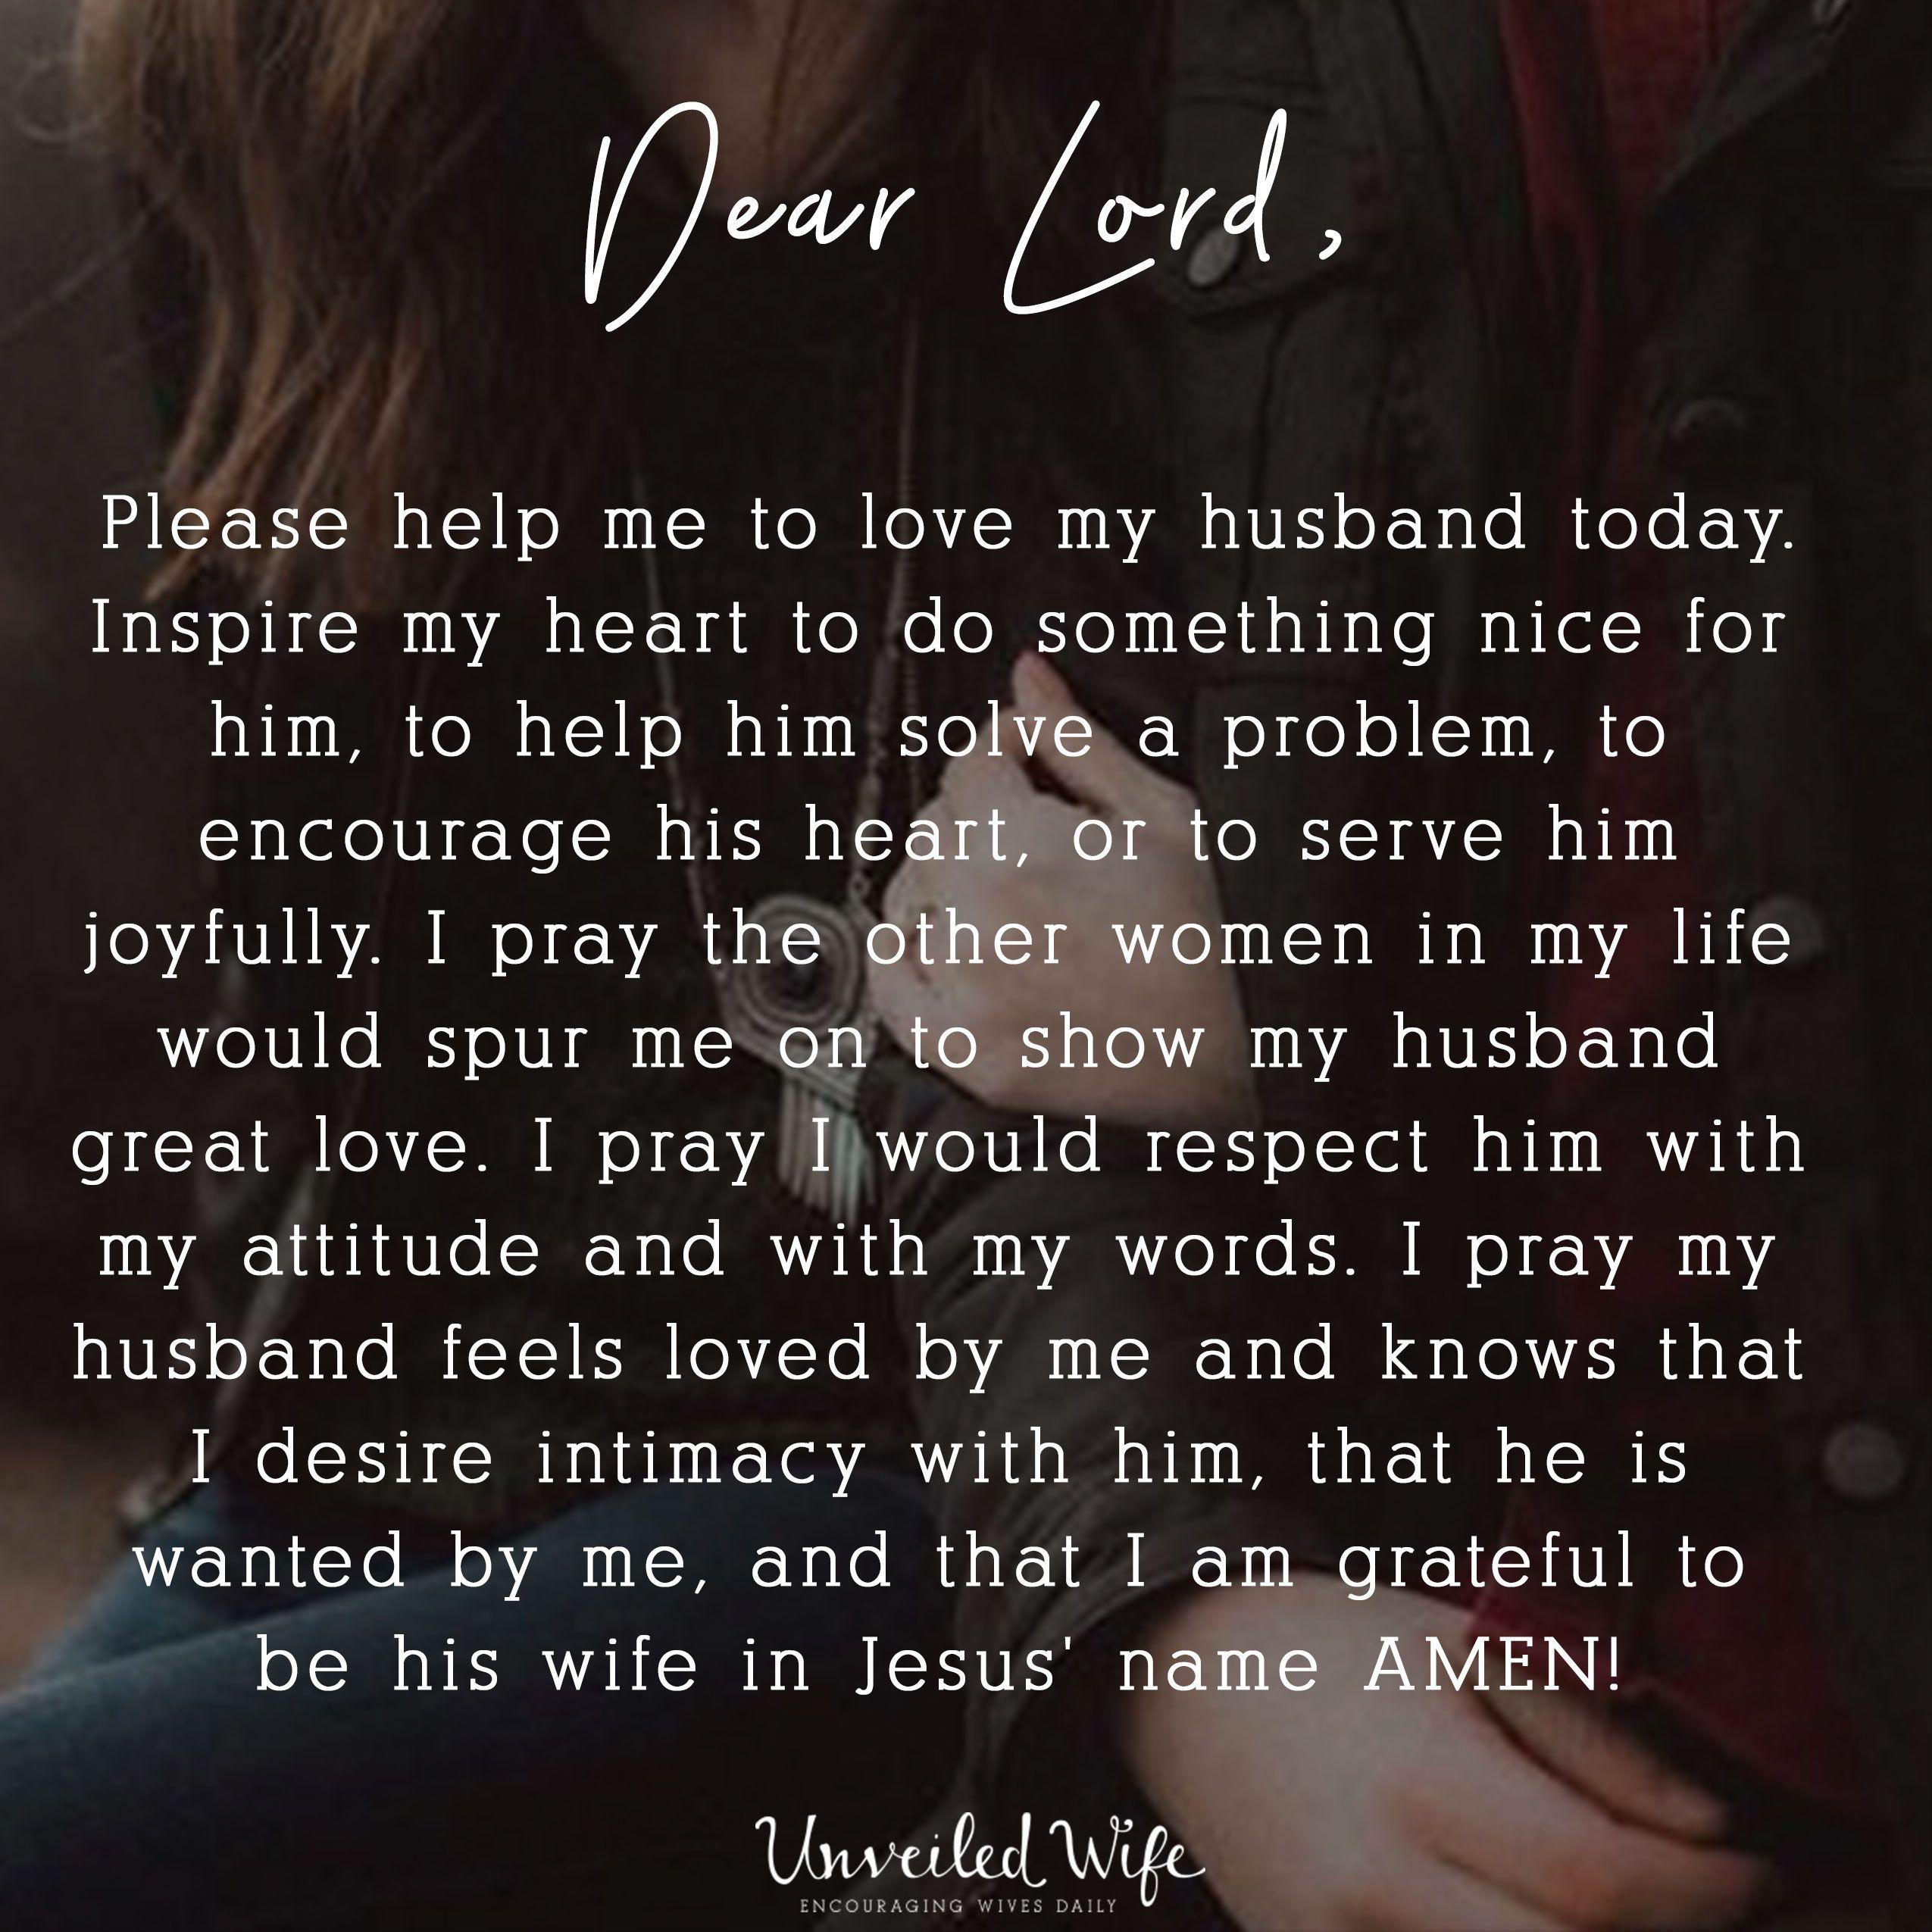 3344656d09c9dd60f59f98c2f4b758b3 - How Do I Get My Husband To Want Me More